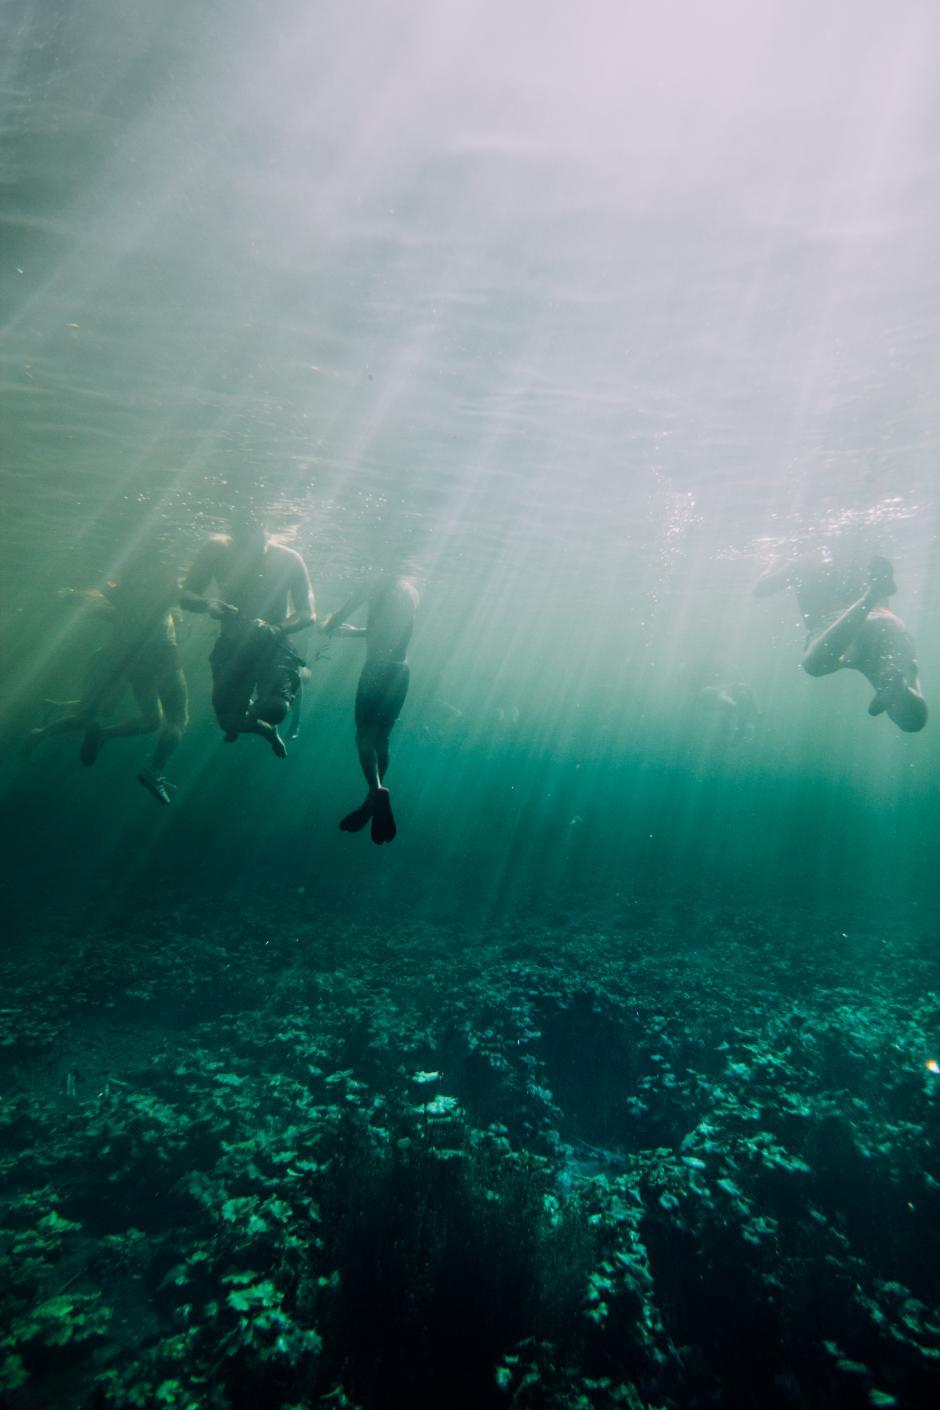 Las personas pueden observan con claridad en las profundidades del arroyo.(Fabriccio Díaz)